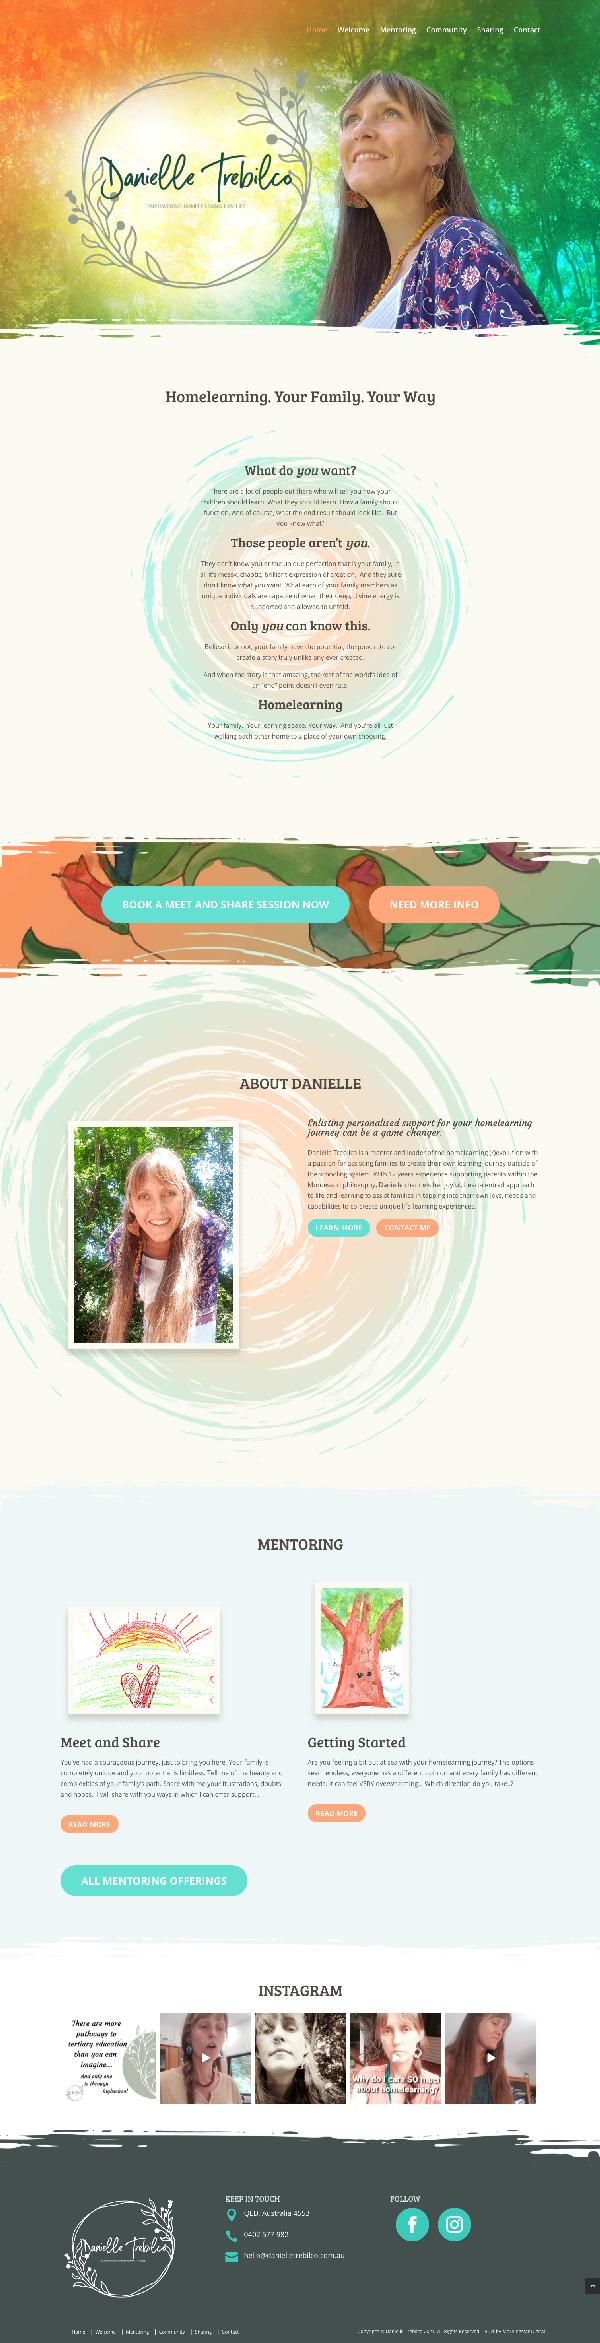 Danielletrebilco Homepage